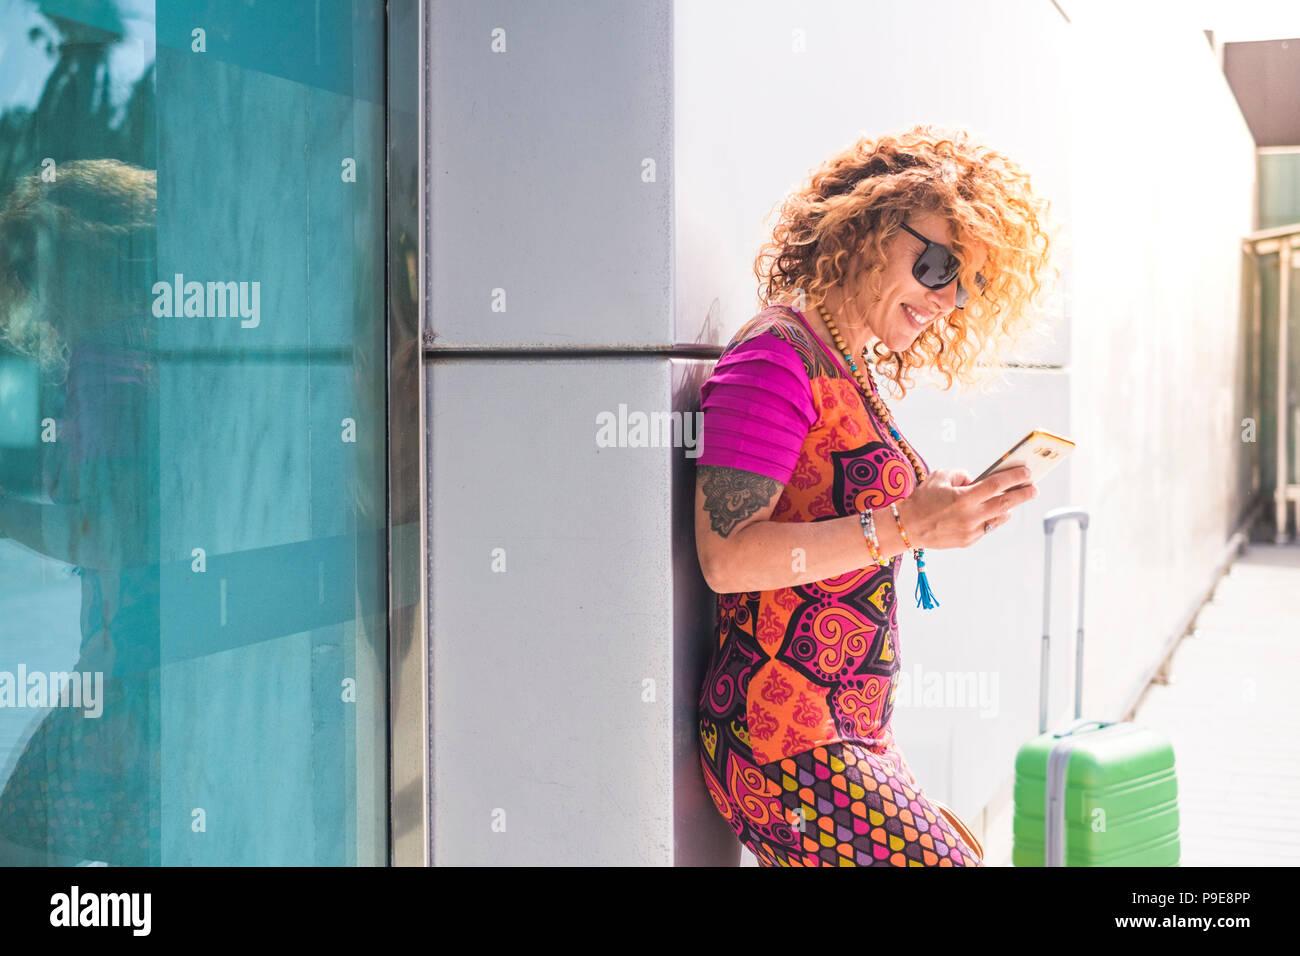 Schöne junge Frauen außerhalb des Flughafens mit Handy mit Internet Messaging. stehend mit Gepäck. Business- oder Urlaubsreise Konzept fo Stockbild